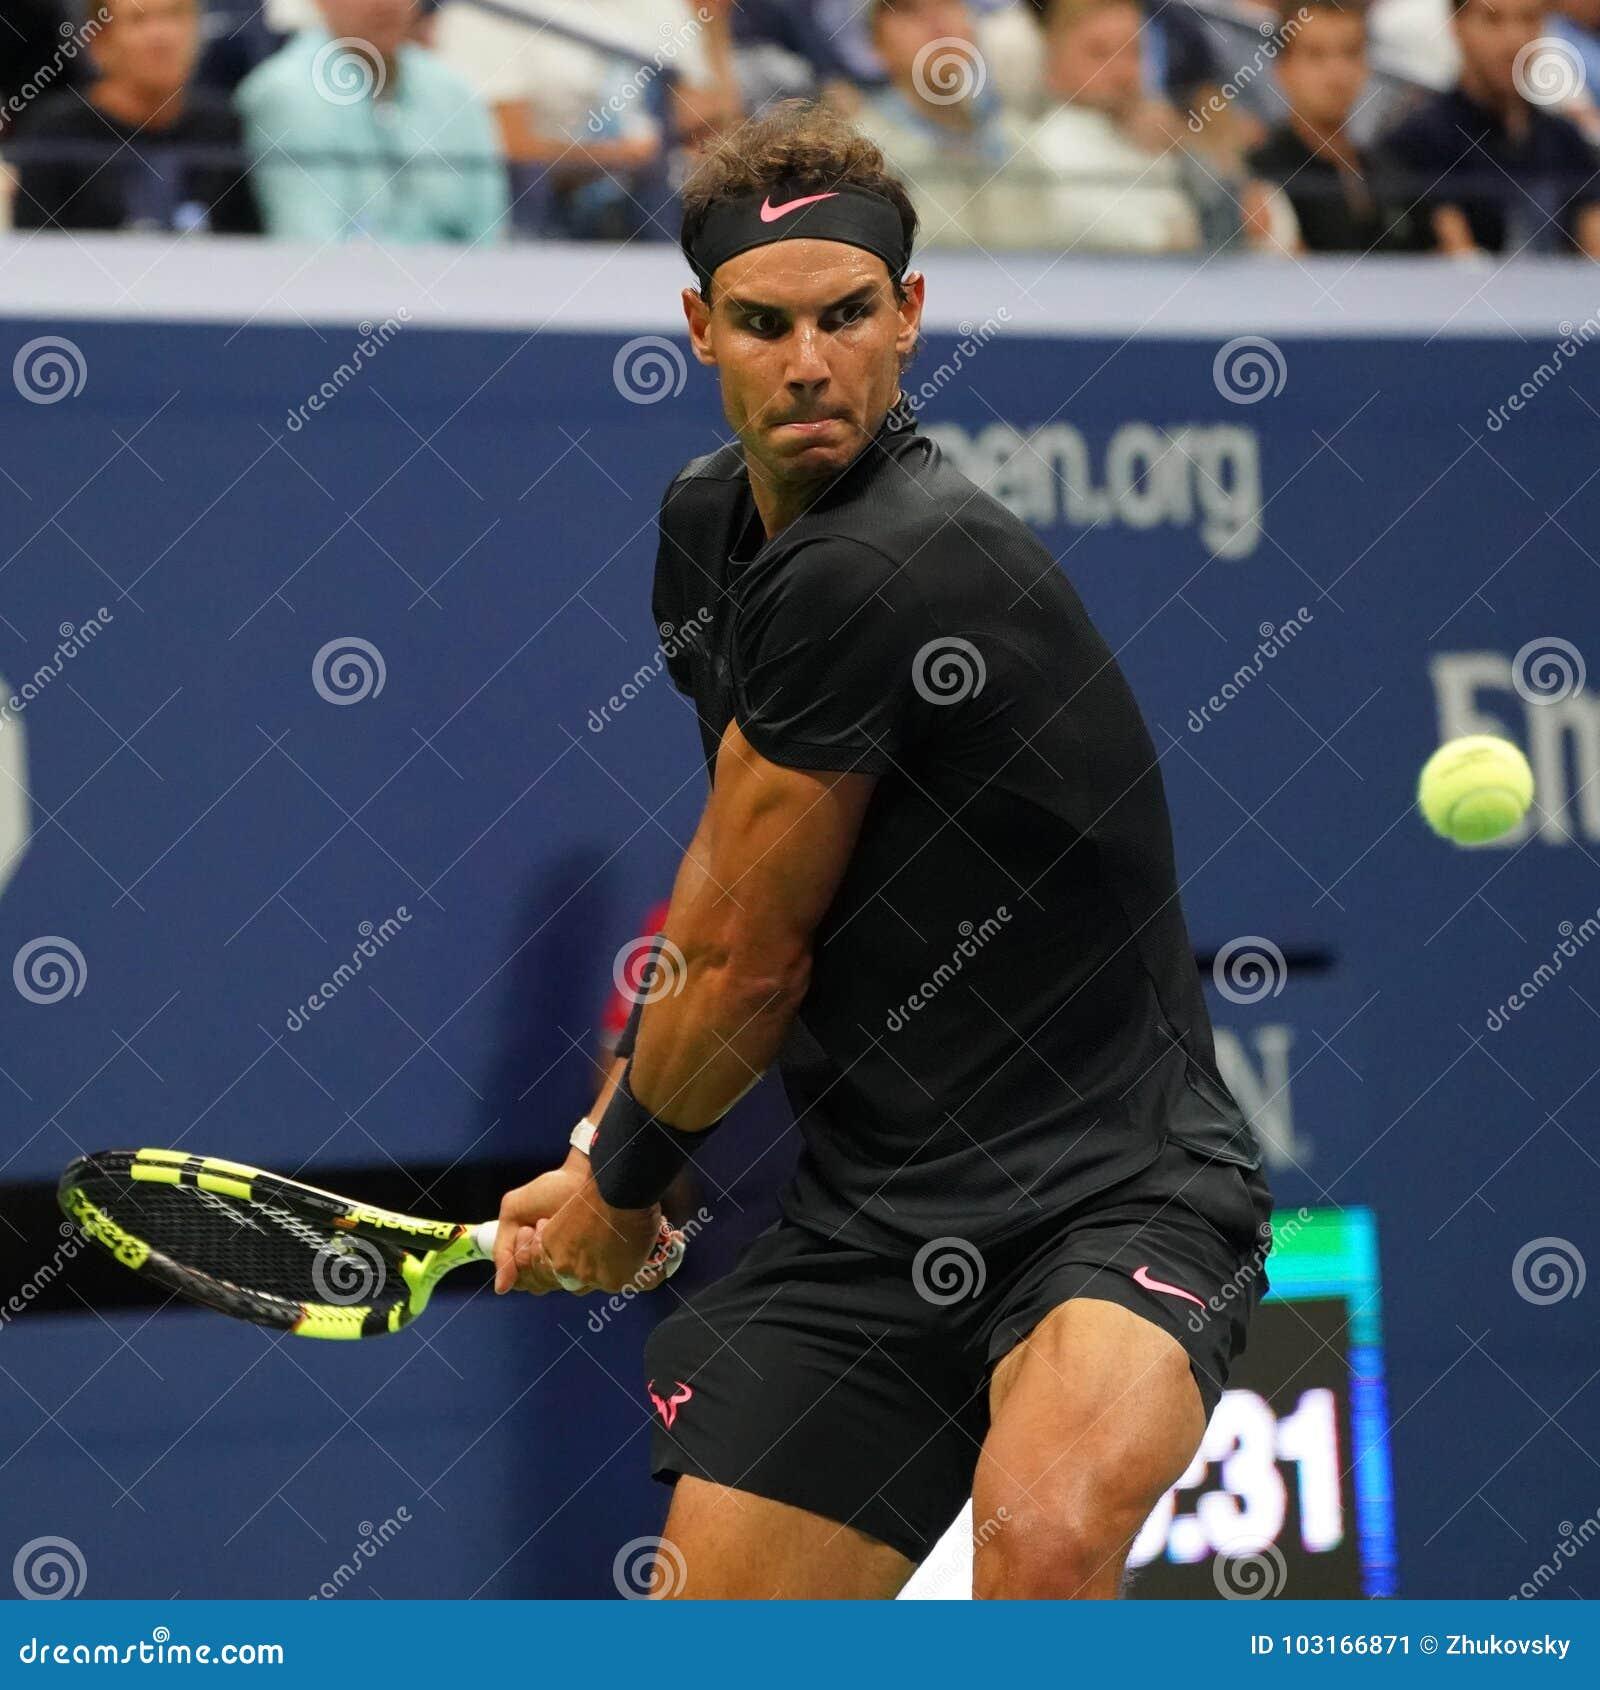 Чемпион Рафаэль Nadal грэнд слэм Испании в действии во время его США раскрывает вторую спичку круга 2017